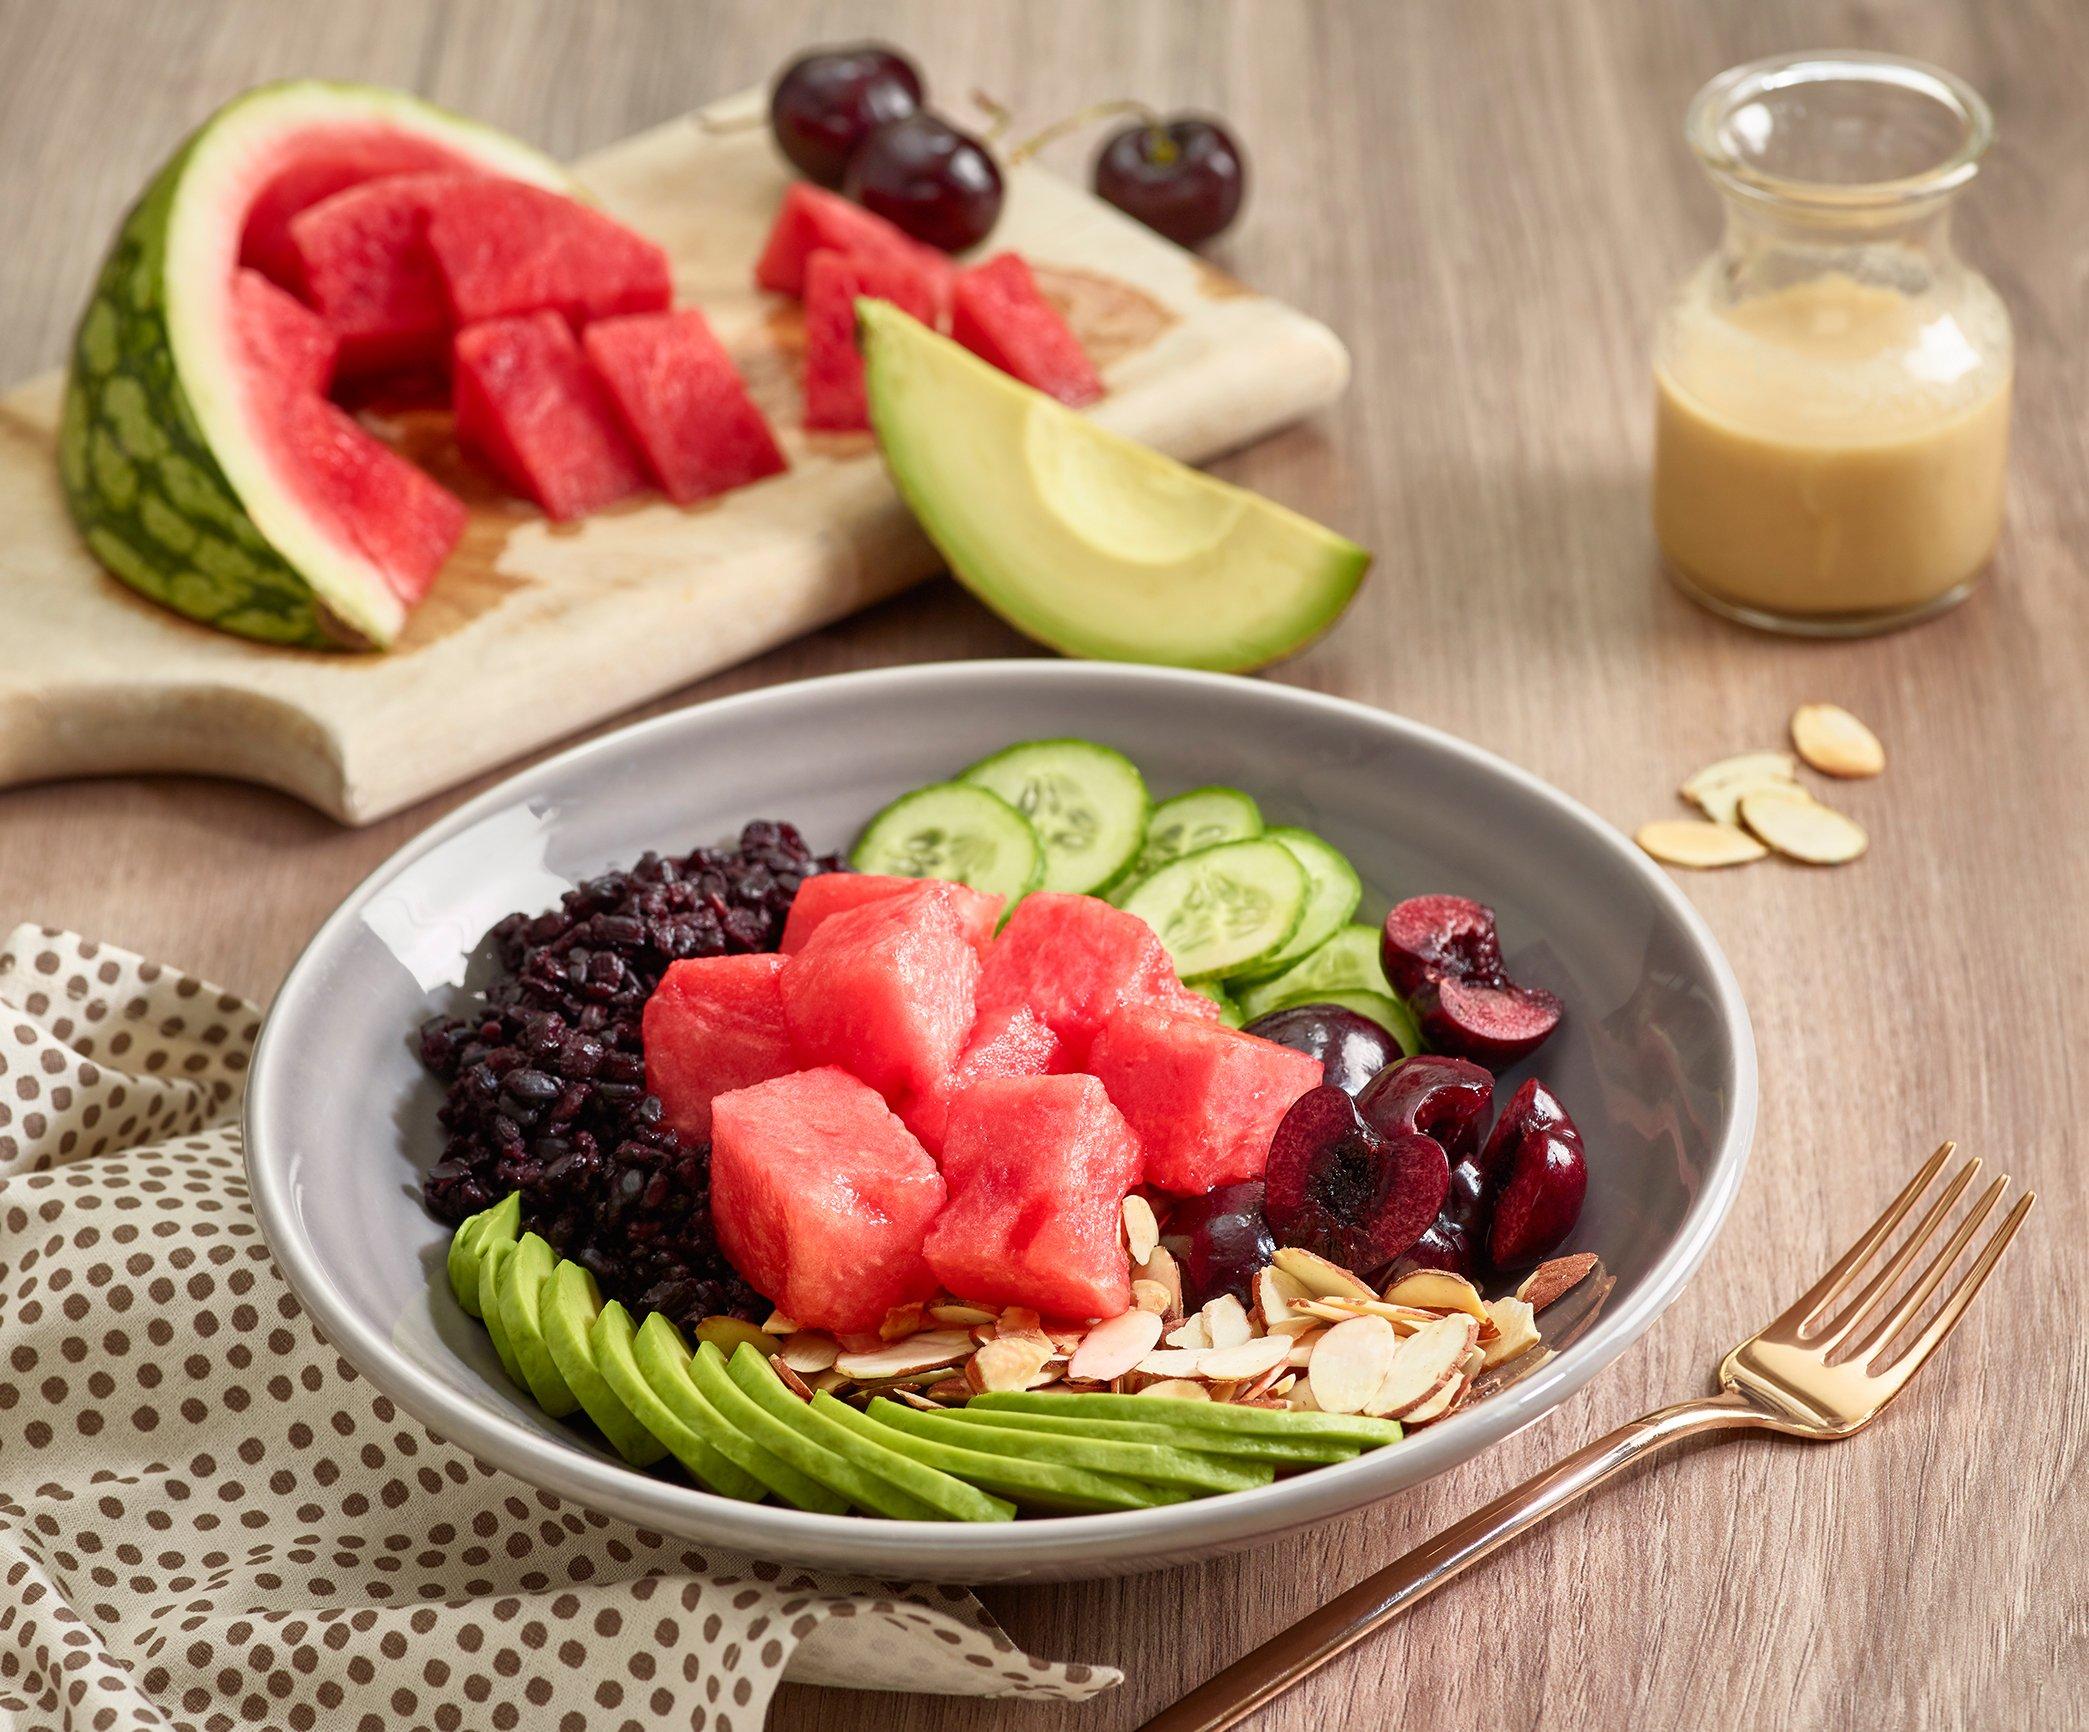 Schüssel mit frischem Obst und Gemüse